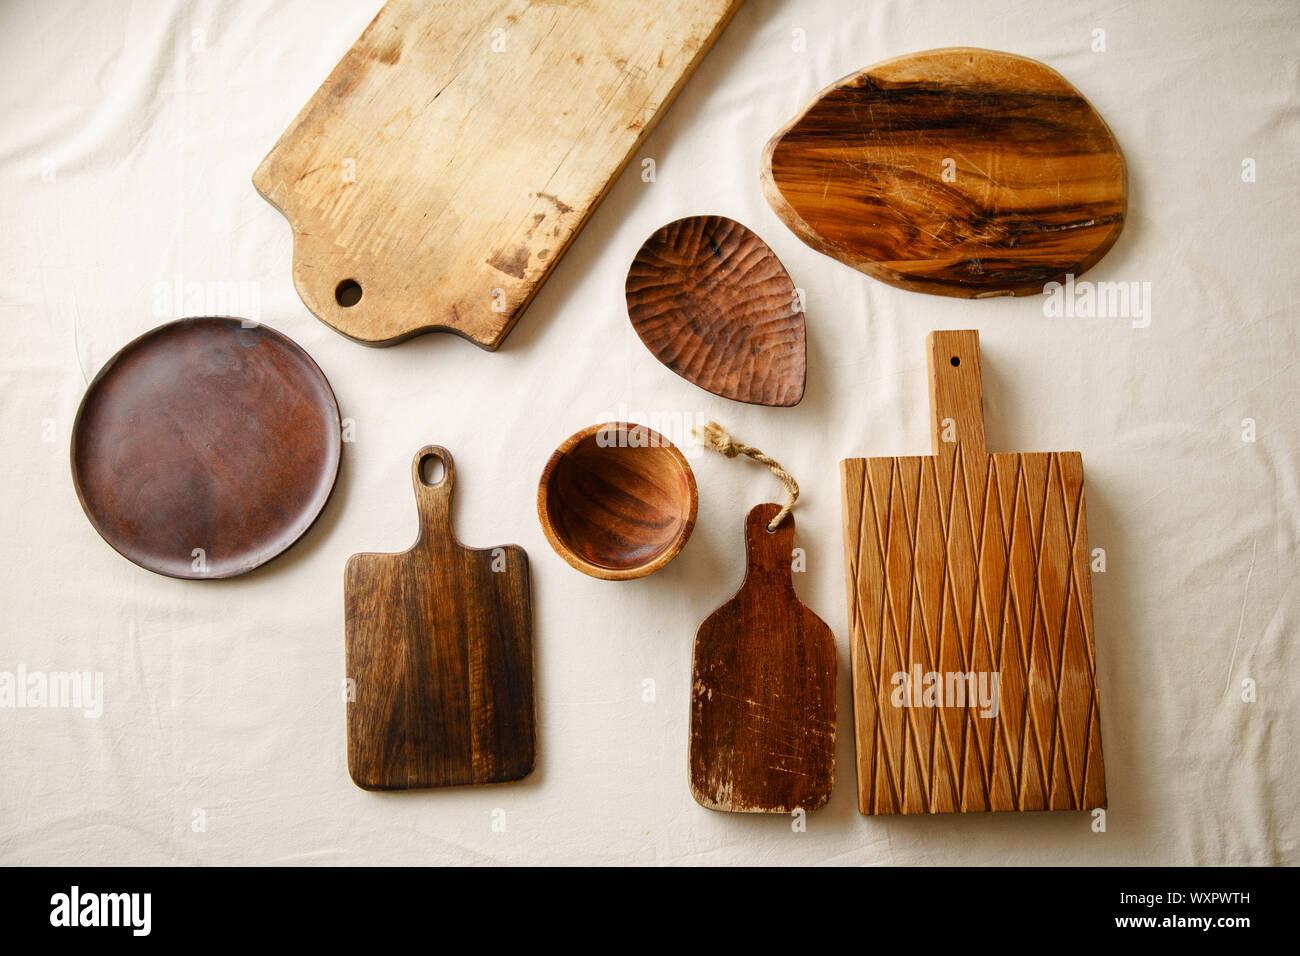 Verschiedene Holz- Geschirr. Schneidbretter, Teller und Schüssel auf Leinen Tischdecke Stockfoto